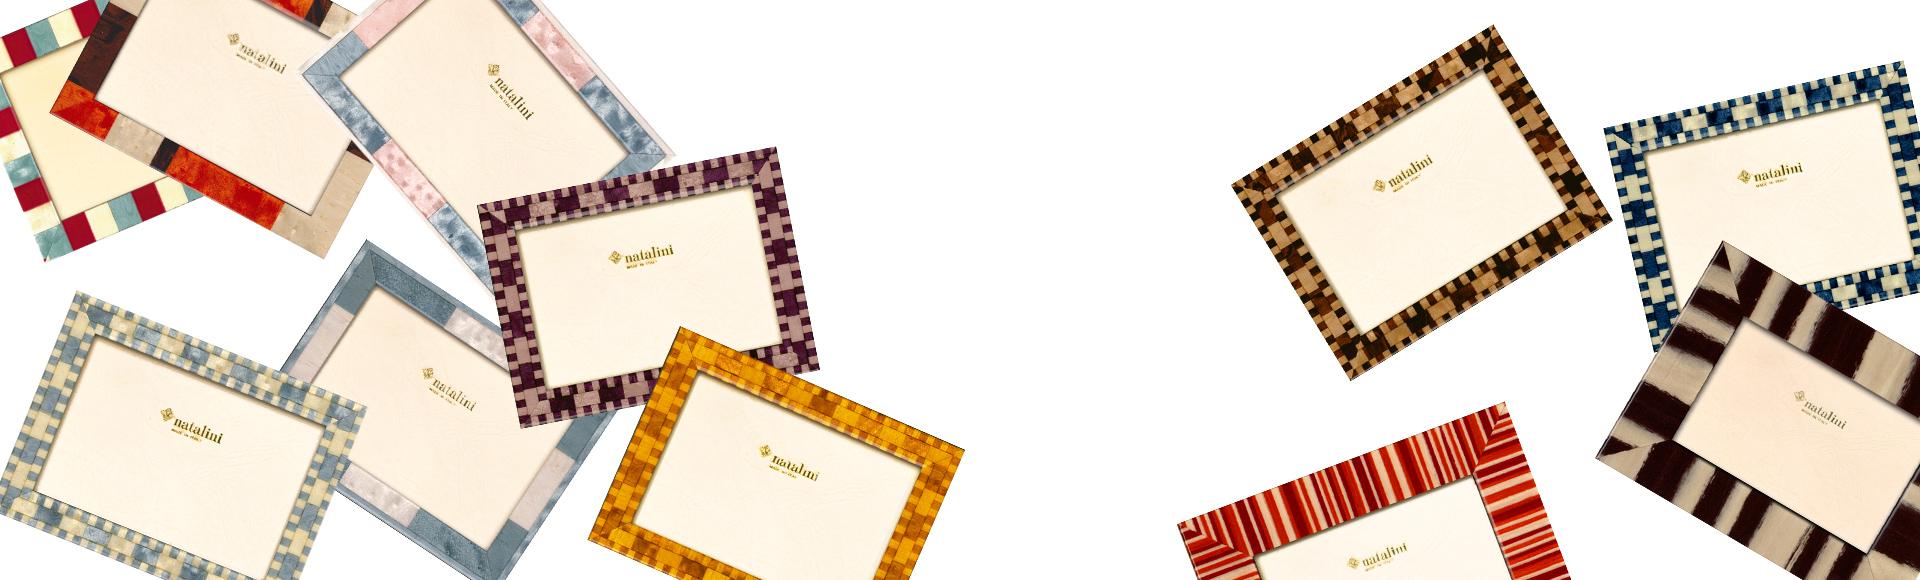 """美しい色と斬新なデザインが魅力のNataliniの象嵌細工のフォトフレーム。イタリアの家族経営の会社でデザインにこだわり高い技術で作られています"""""""""""